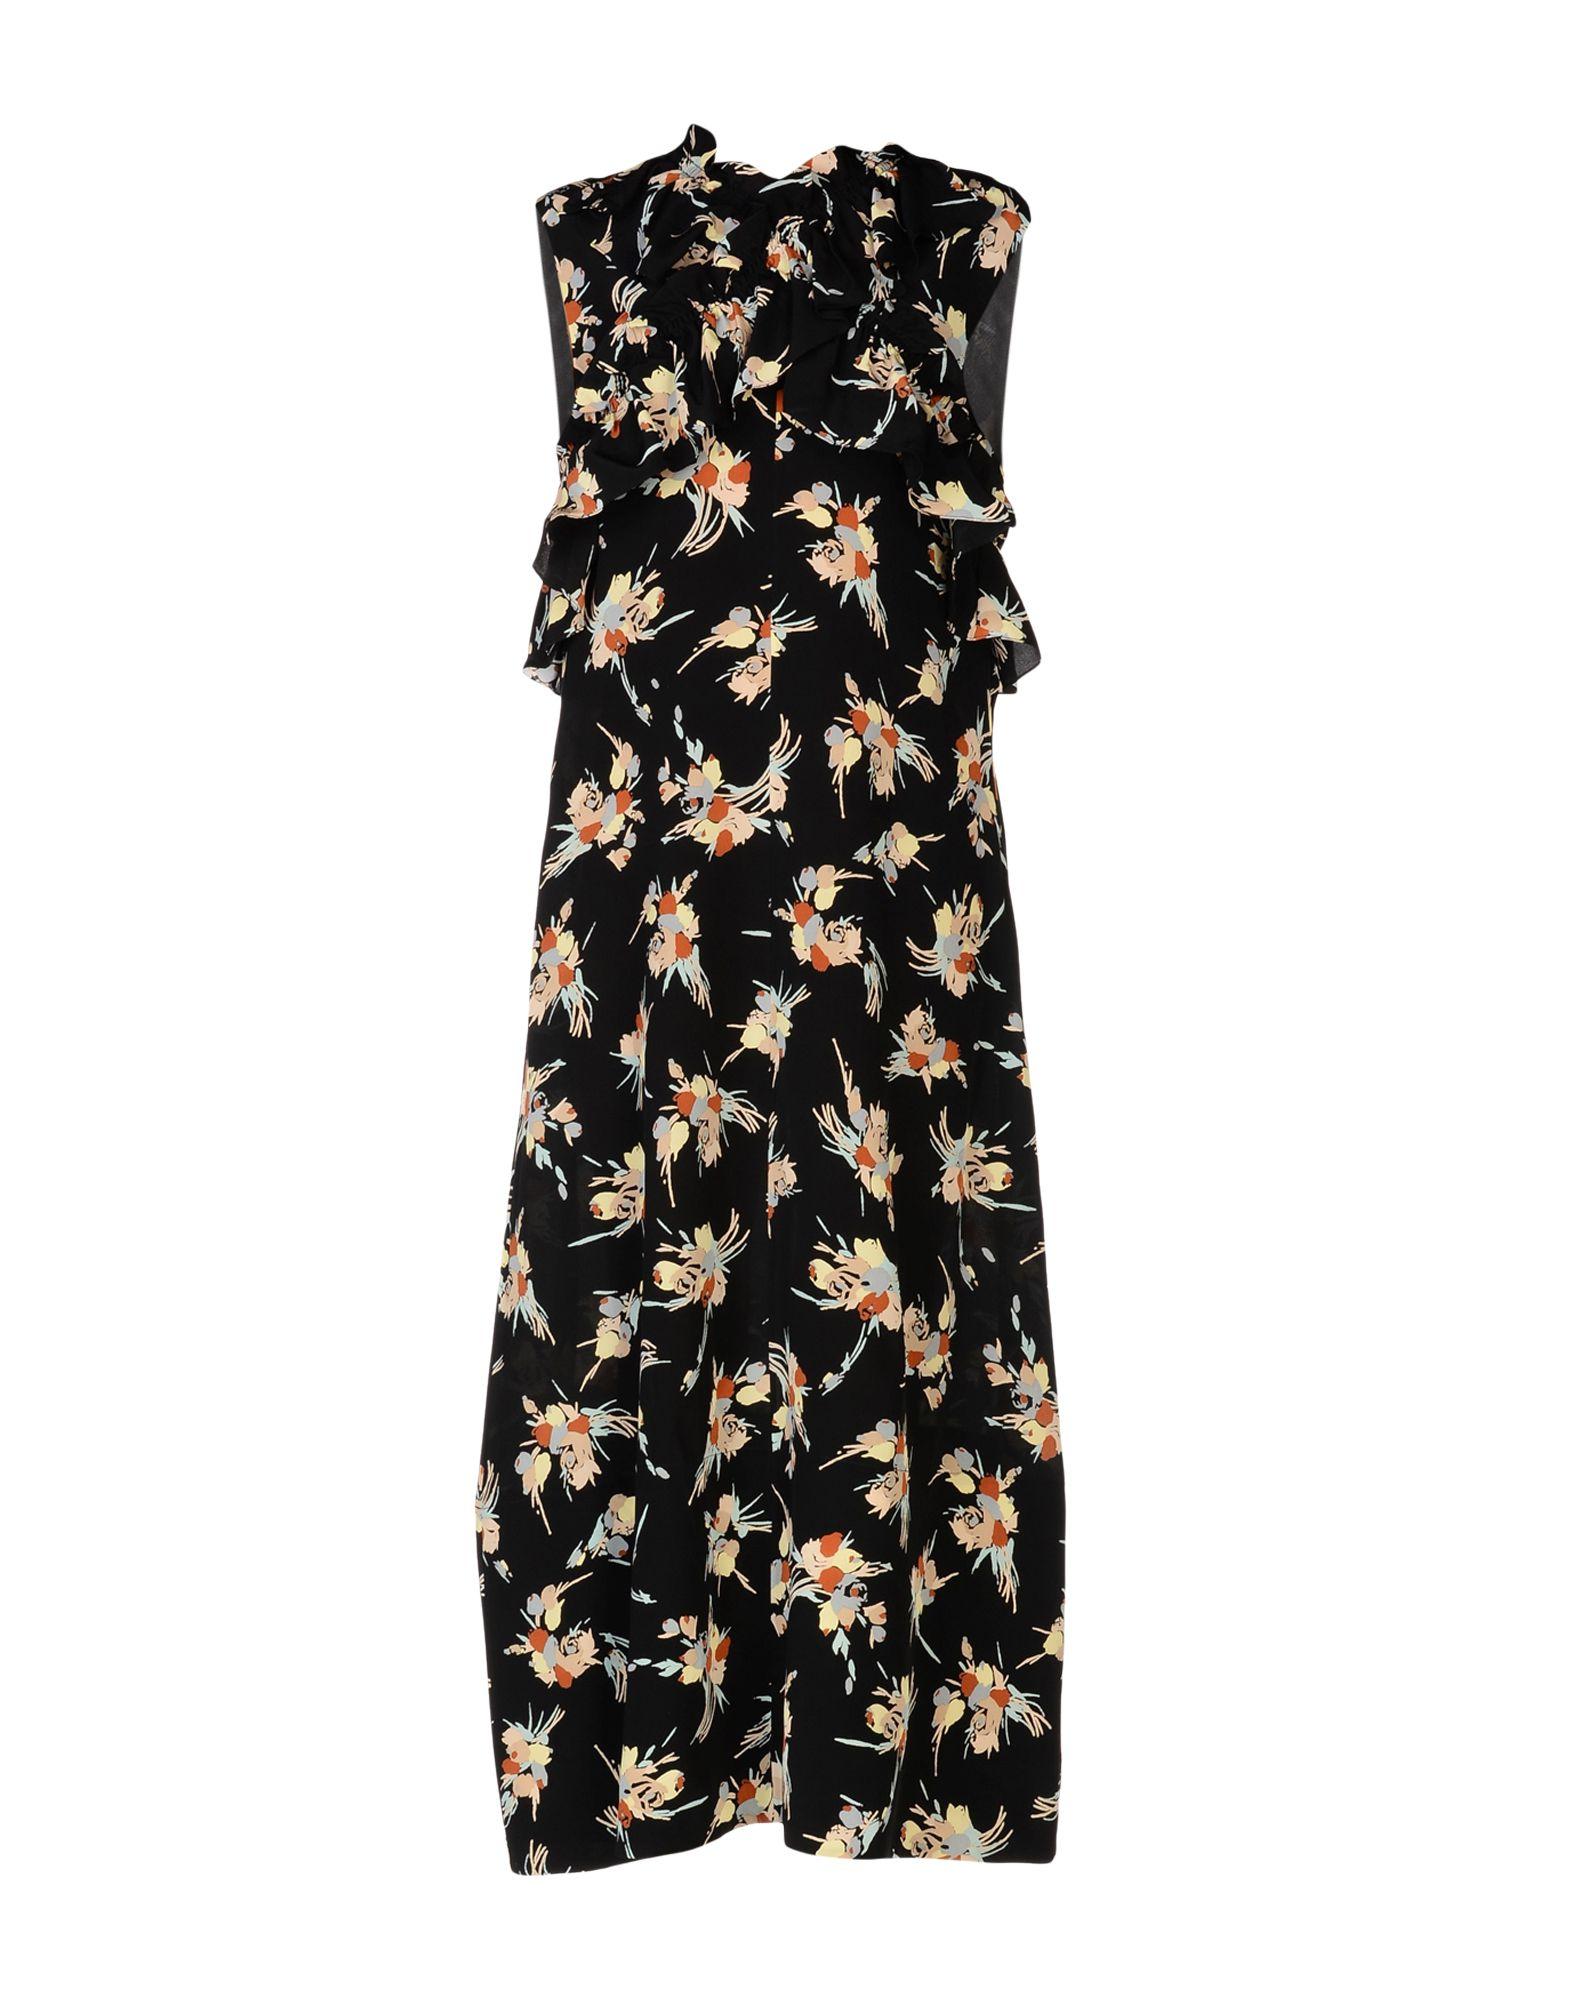 MARNI Длинное платье cocoepps женщин большой размер длинное платье 2017 плюс размер дамы o шеи без рукавов танк summer maxi платья